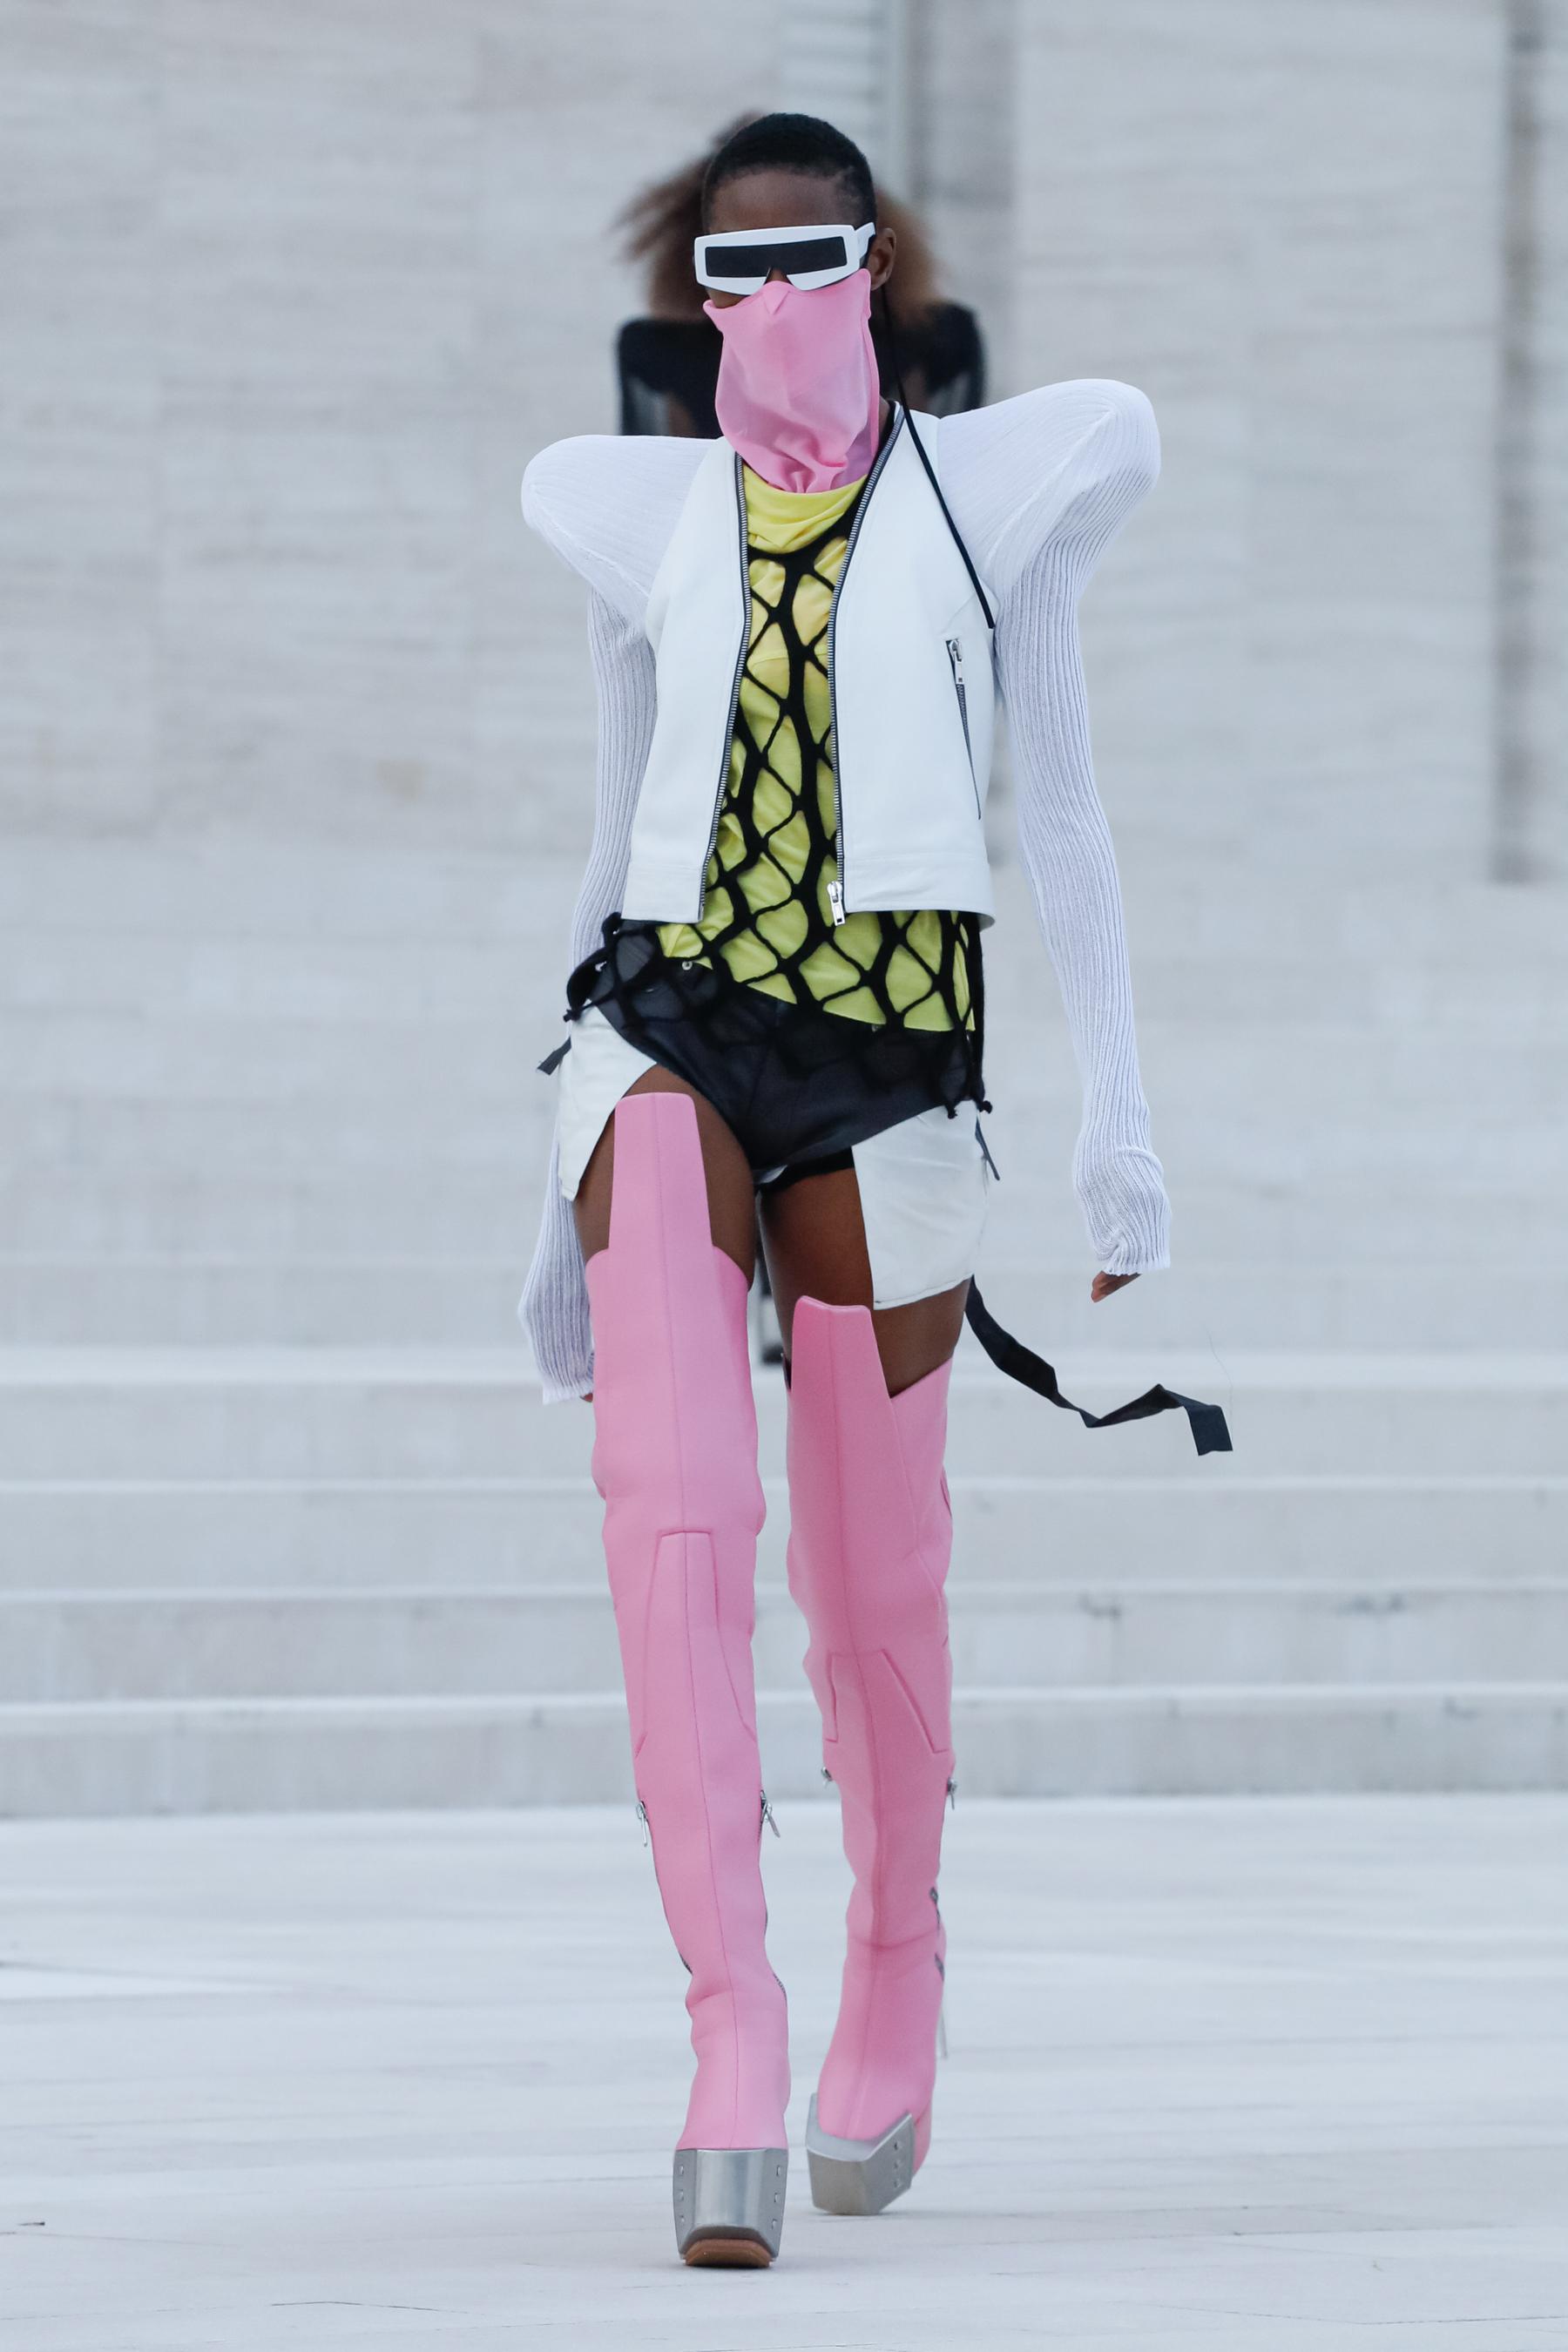 Rick Owens Spring 2021 Fashion Show Photos